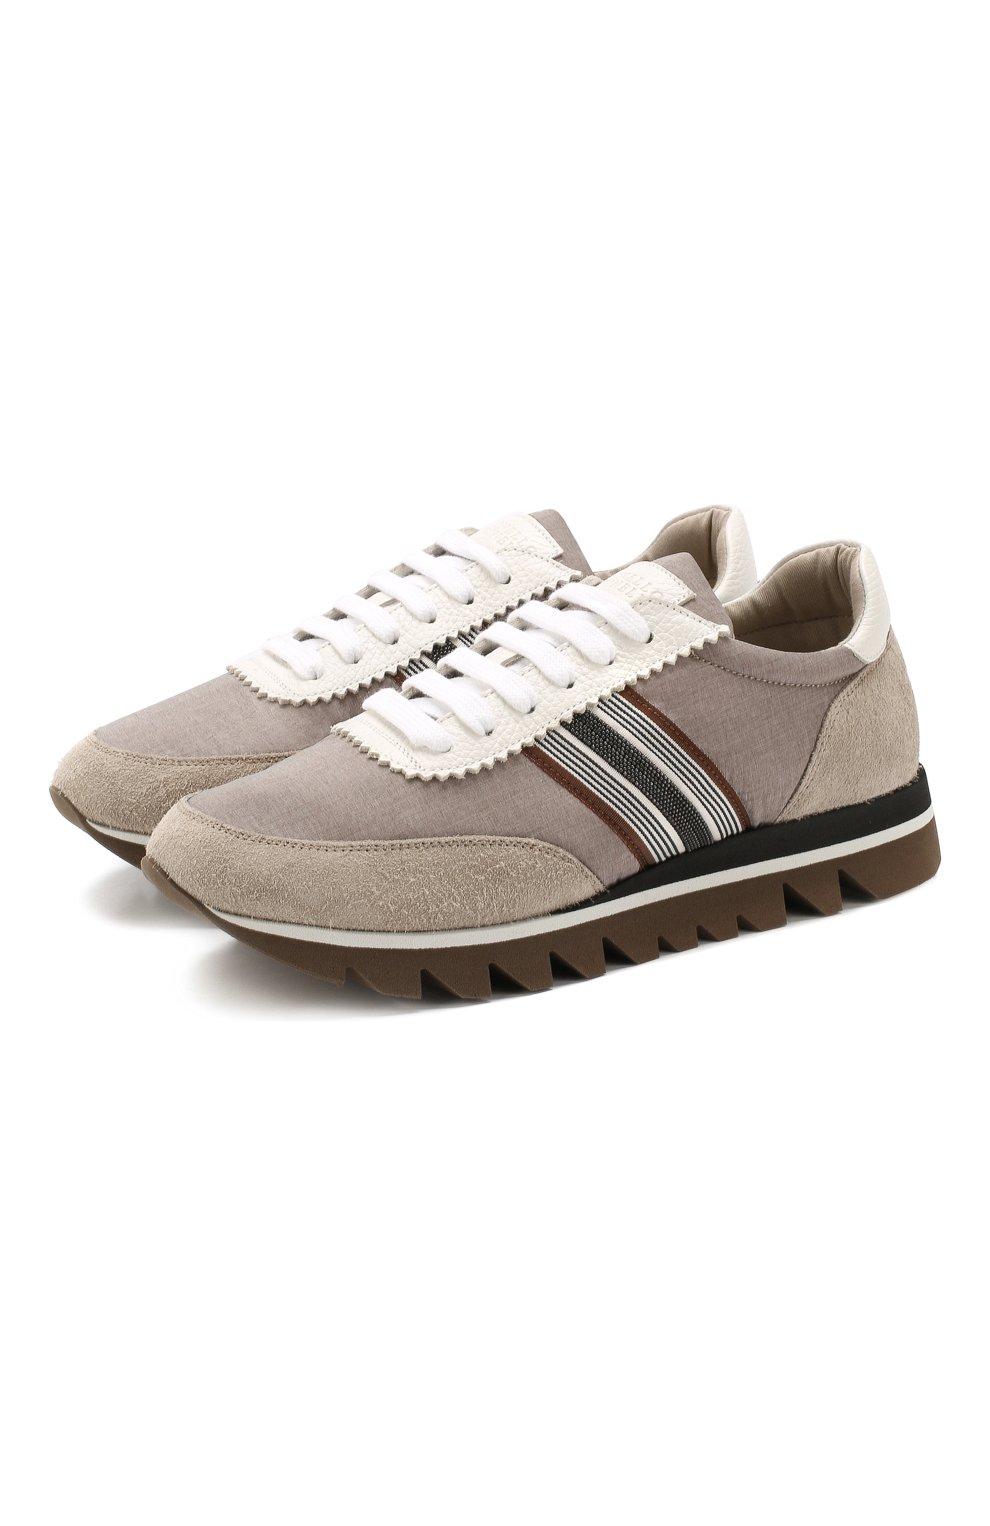 Комбинированные кроссовки Brunello Cucinelli бежевые   Фото №1